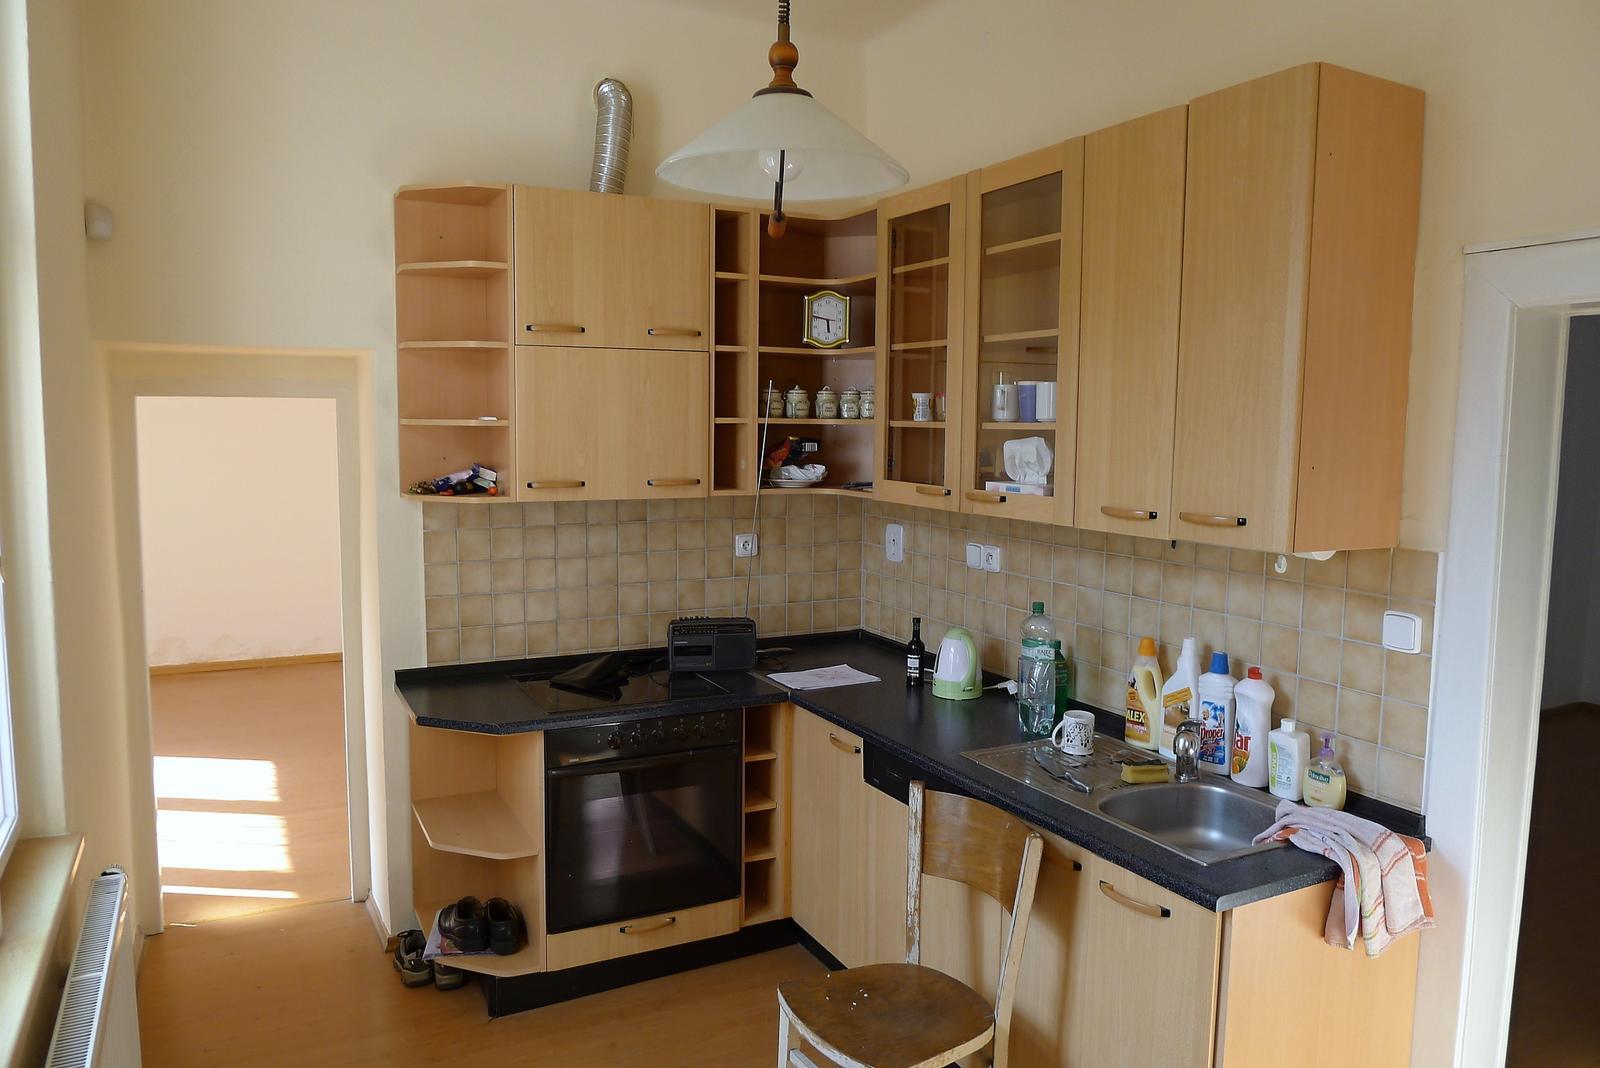 Rekonstrukce našeho domečku - původní kuchyňka